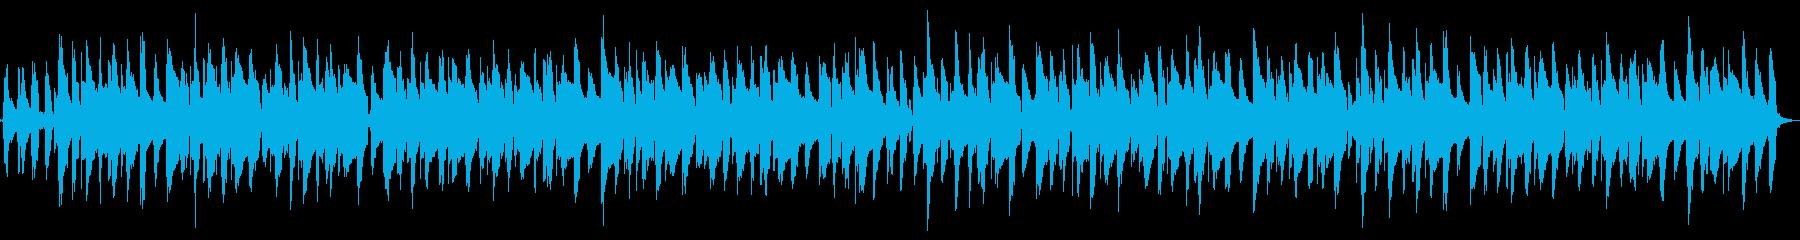 【アコギ】陽気で優しい感じのラグタイム♪の再生済みの波形